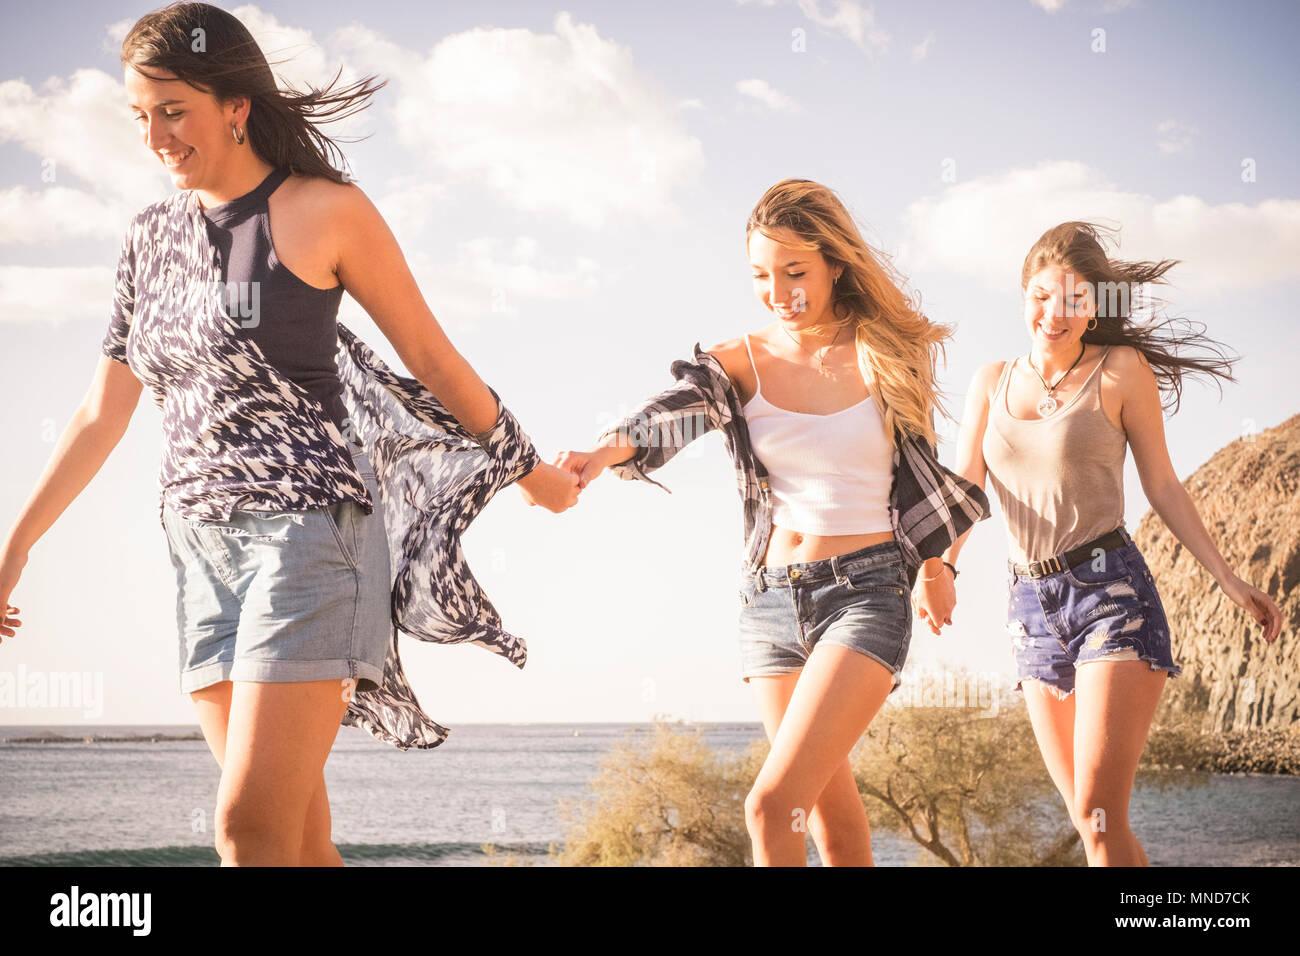 Tre giovani donne amici camminare insieme su un muro vicino alla spiaggia in Tenerife. Godetevi la vacanza sotto un cielo blu con sole giallo. Le mani con le mani. Immagini Stock